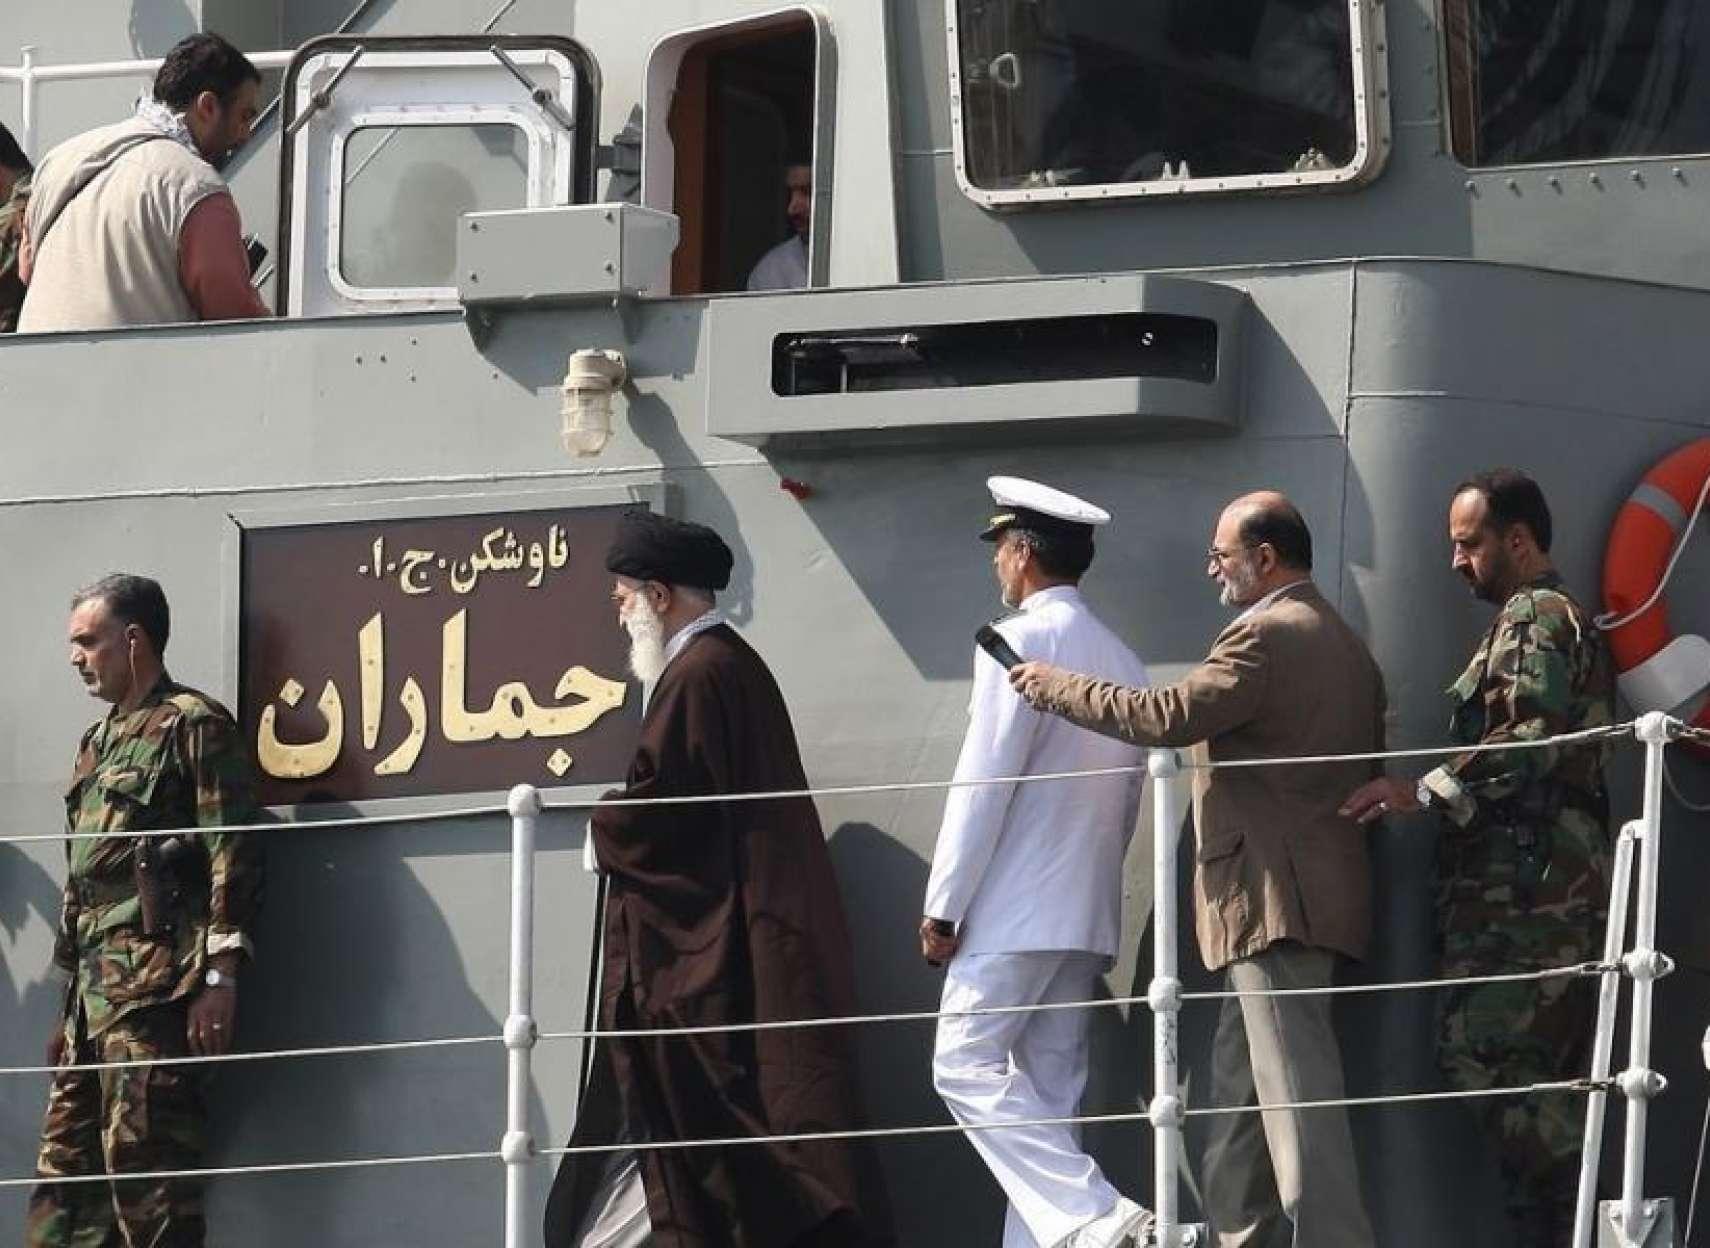 اهمیت-نمادین-ناو-جماران-برای-جمهوری-اسلامی-و-رهبر-آن-چیست